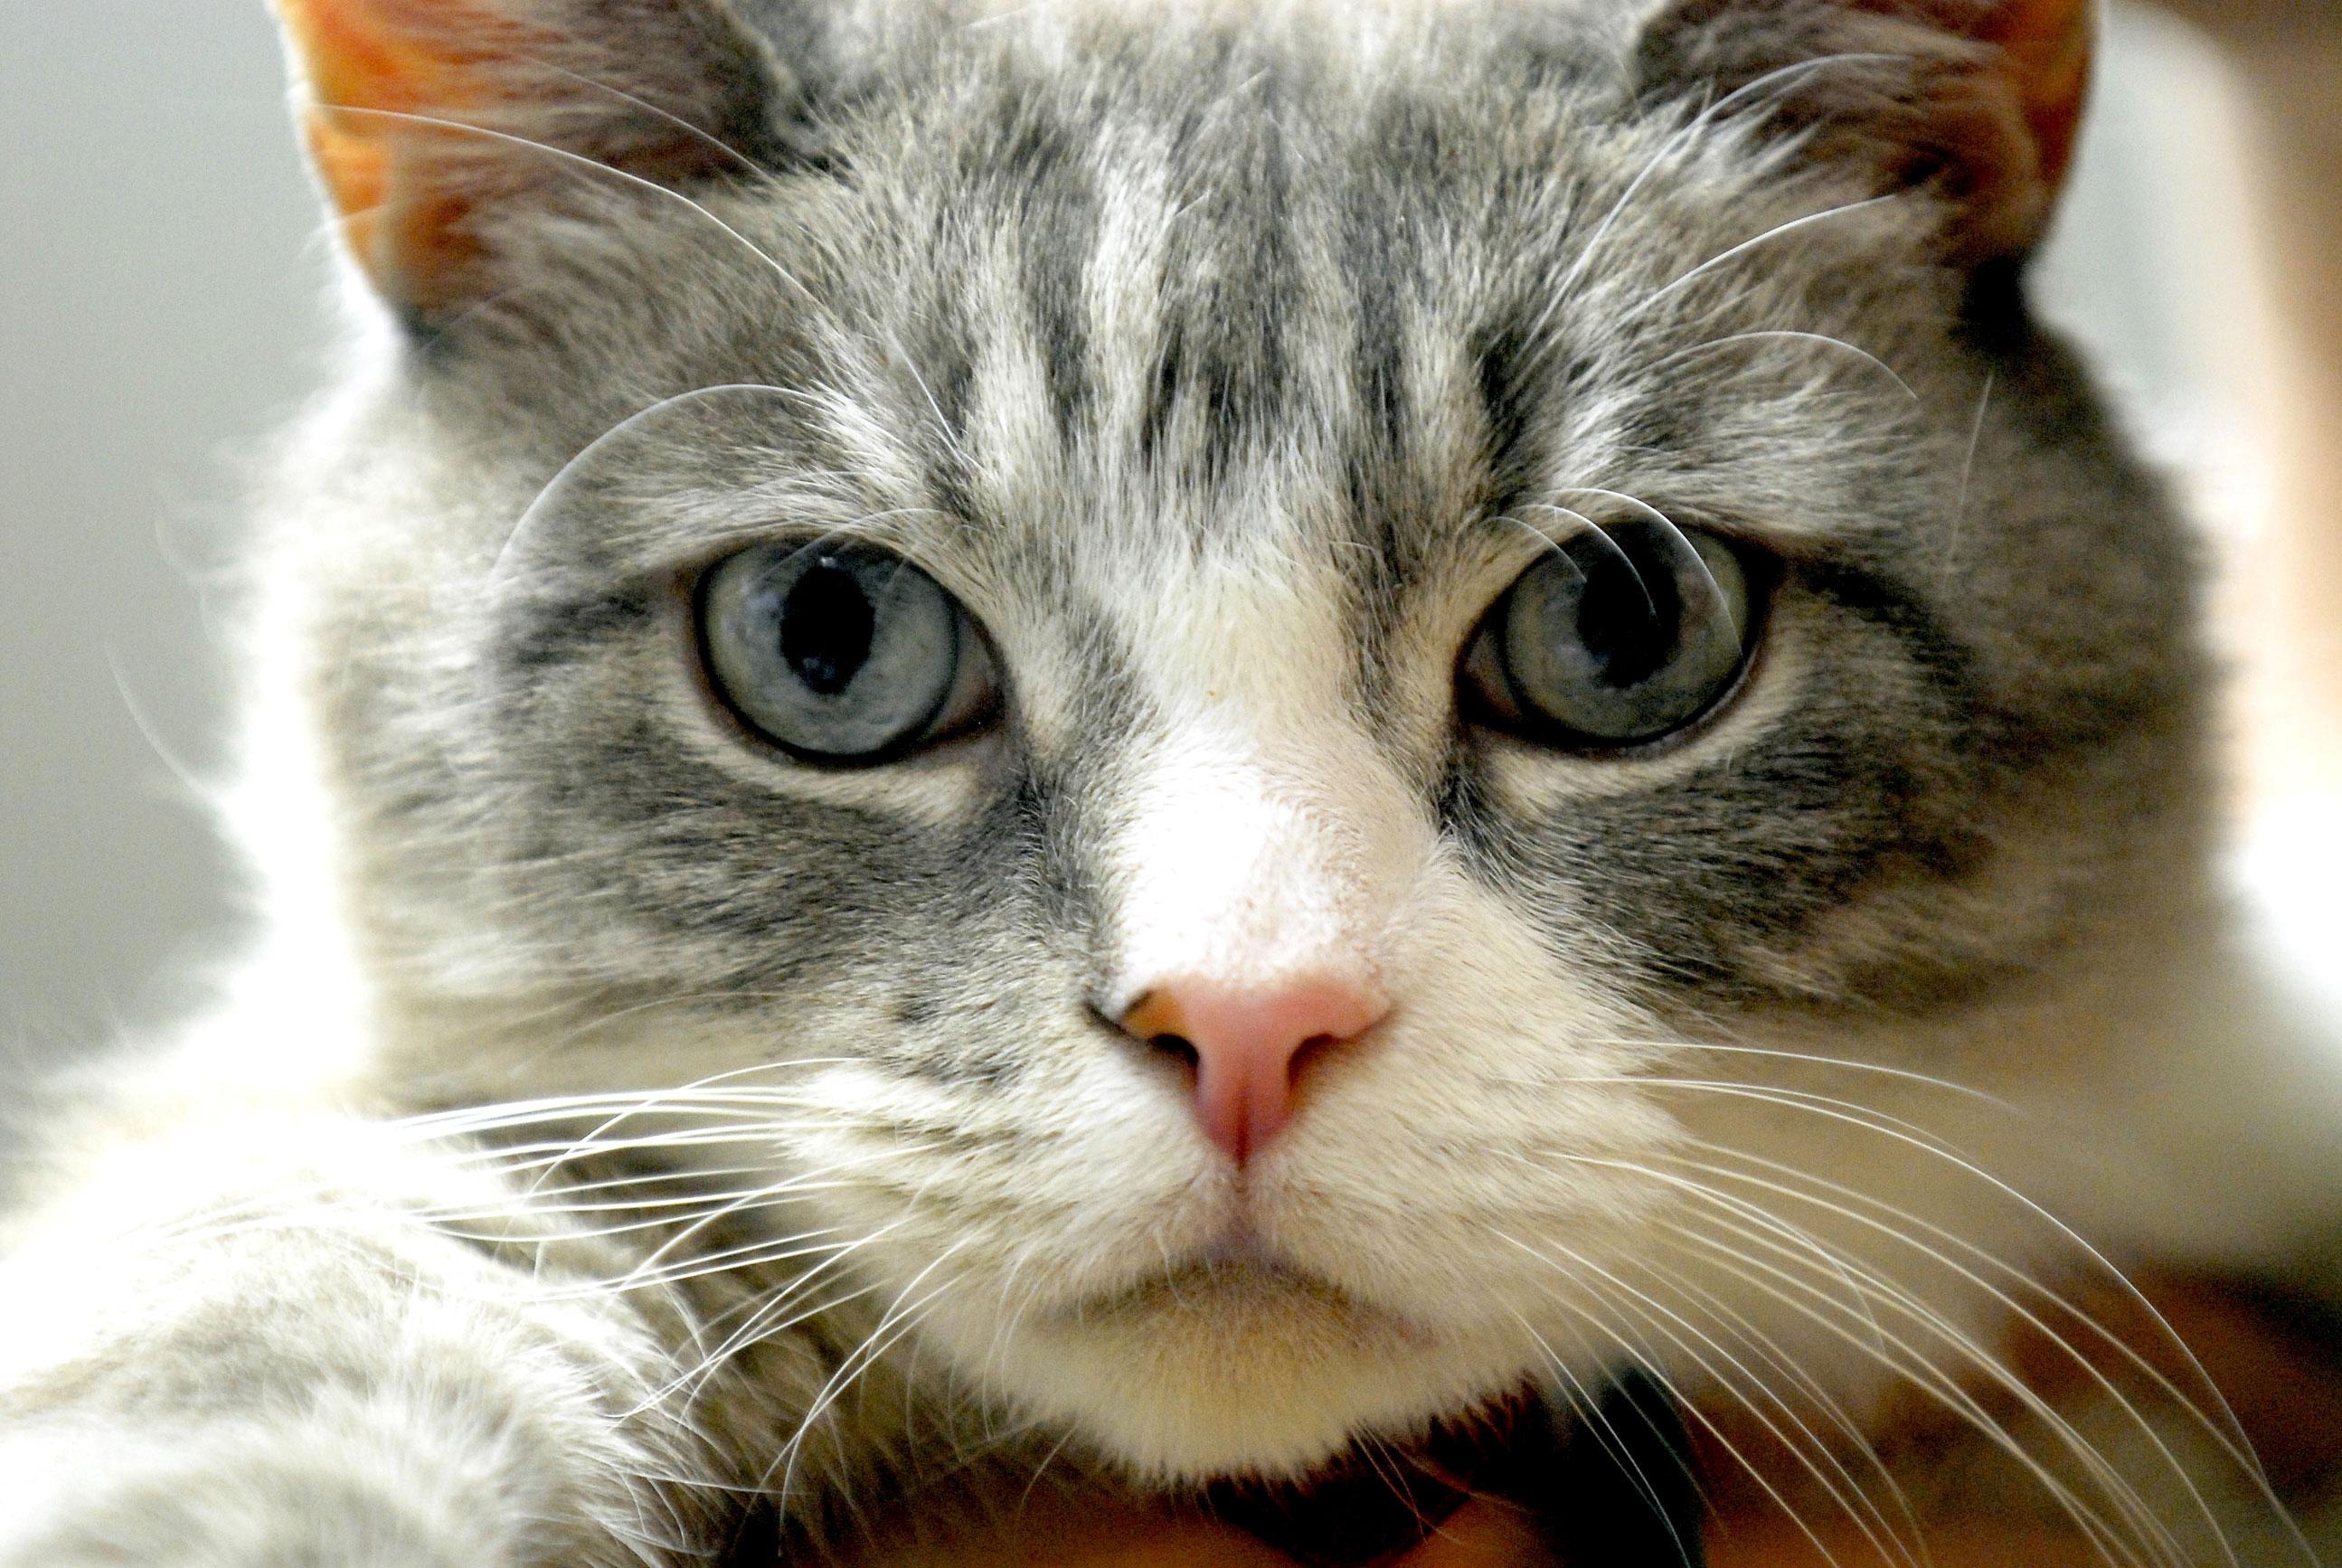 Le razze di gatto giudicate più belle